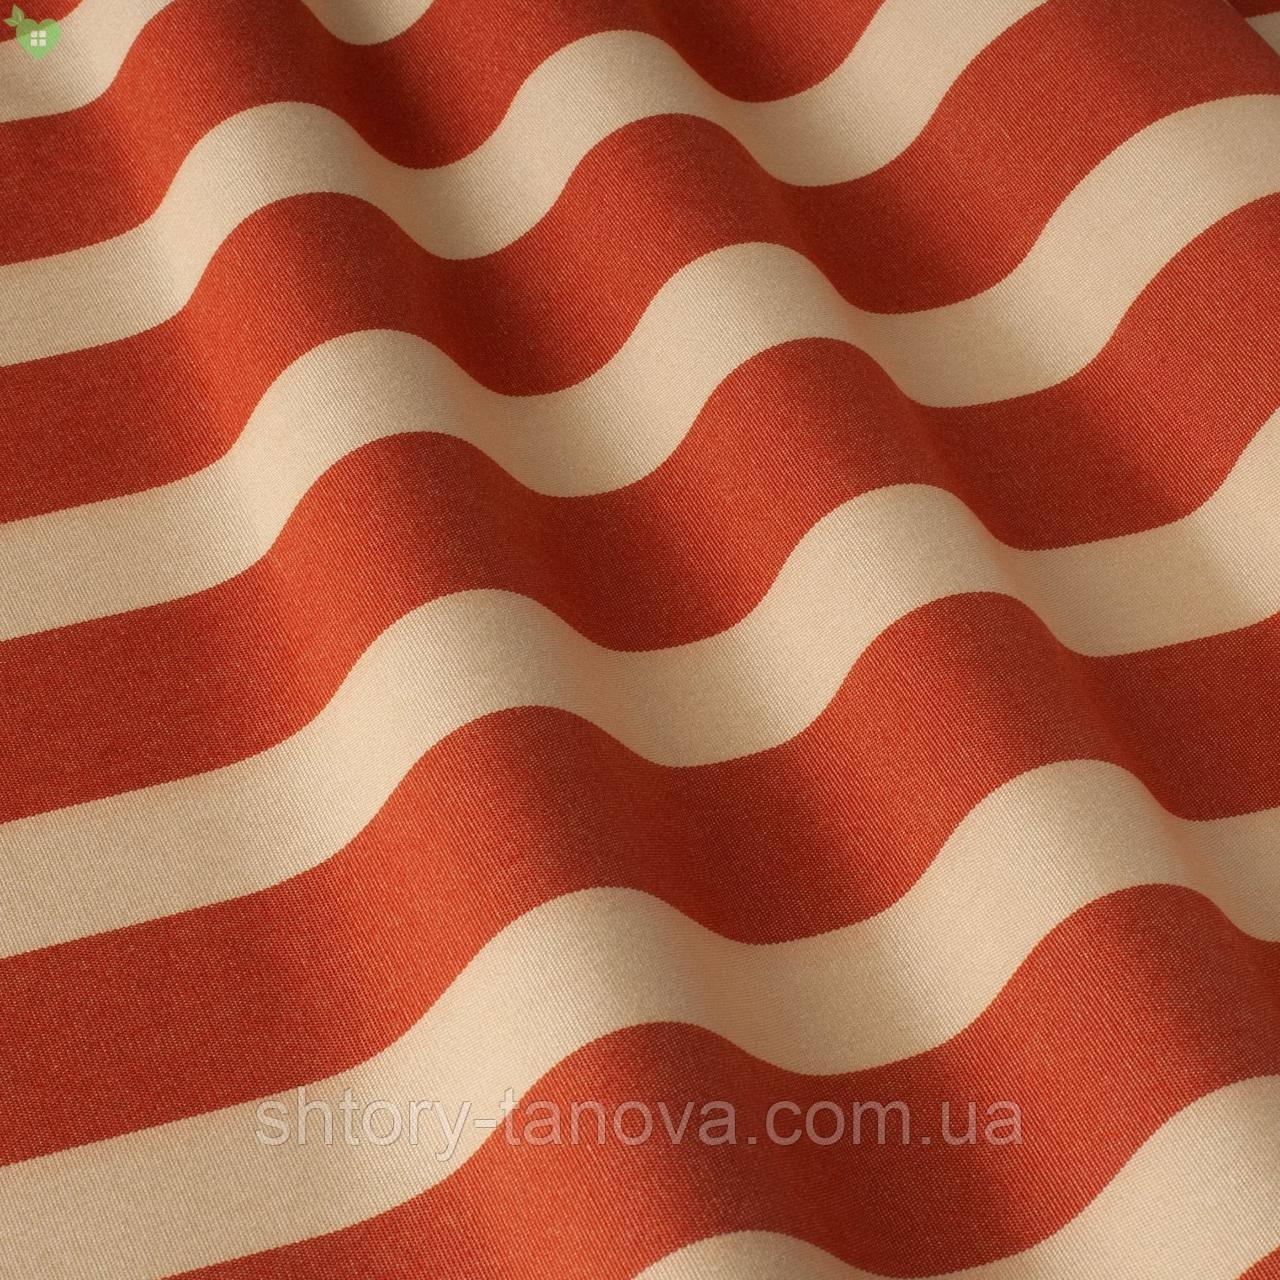 Уличная декоративная ткань для садовой мебели полоса красного и бежевого цвета